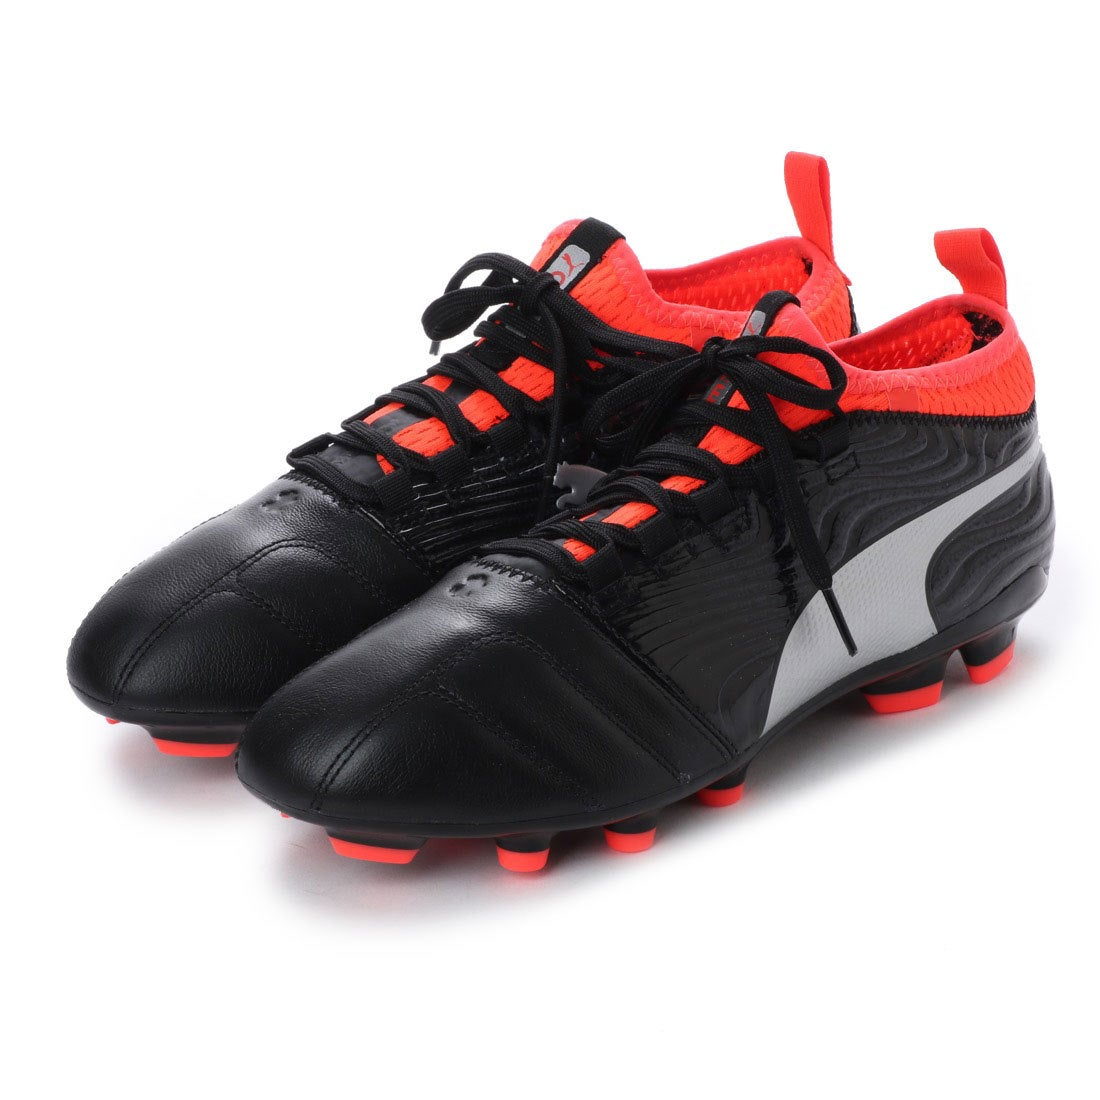 ロコンド 靴とファッションの通販サイトプーマ PUMA サッカー スパイクシューズ プーマ ワン 18.3 HG 104543